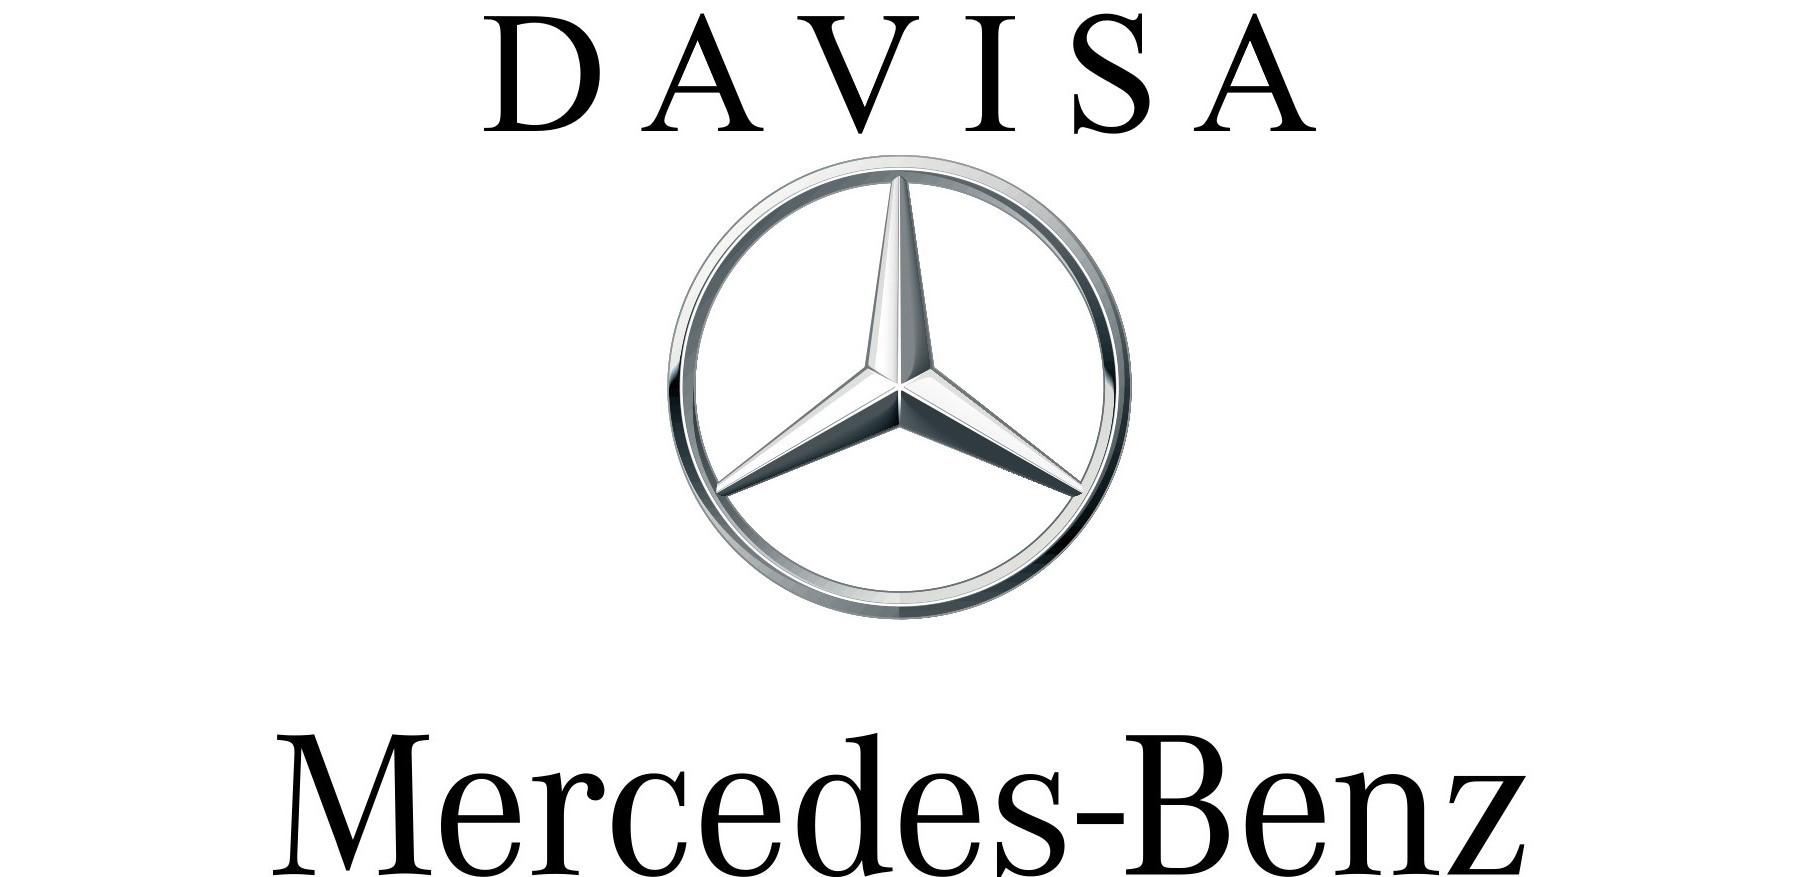 Compra un coche Mercedes-Benz Clase C (todo) de segunda